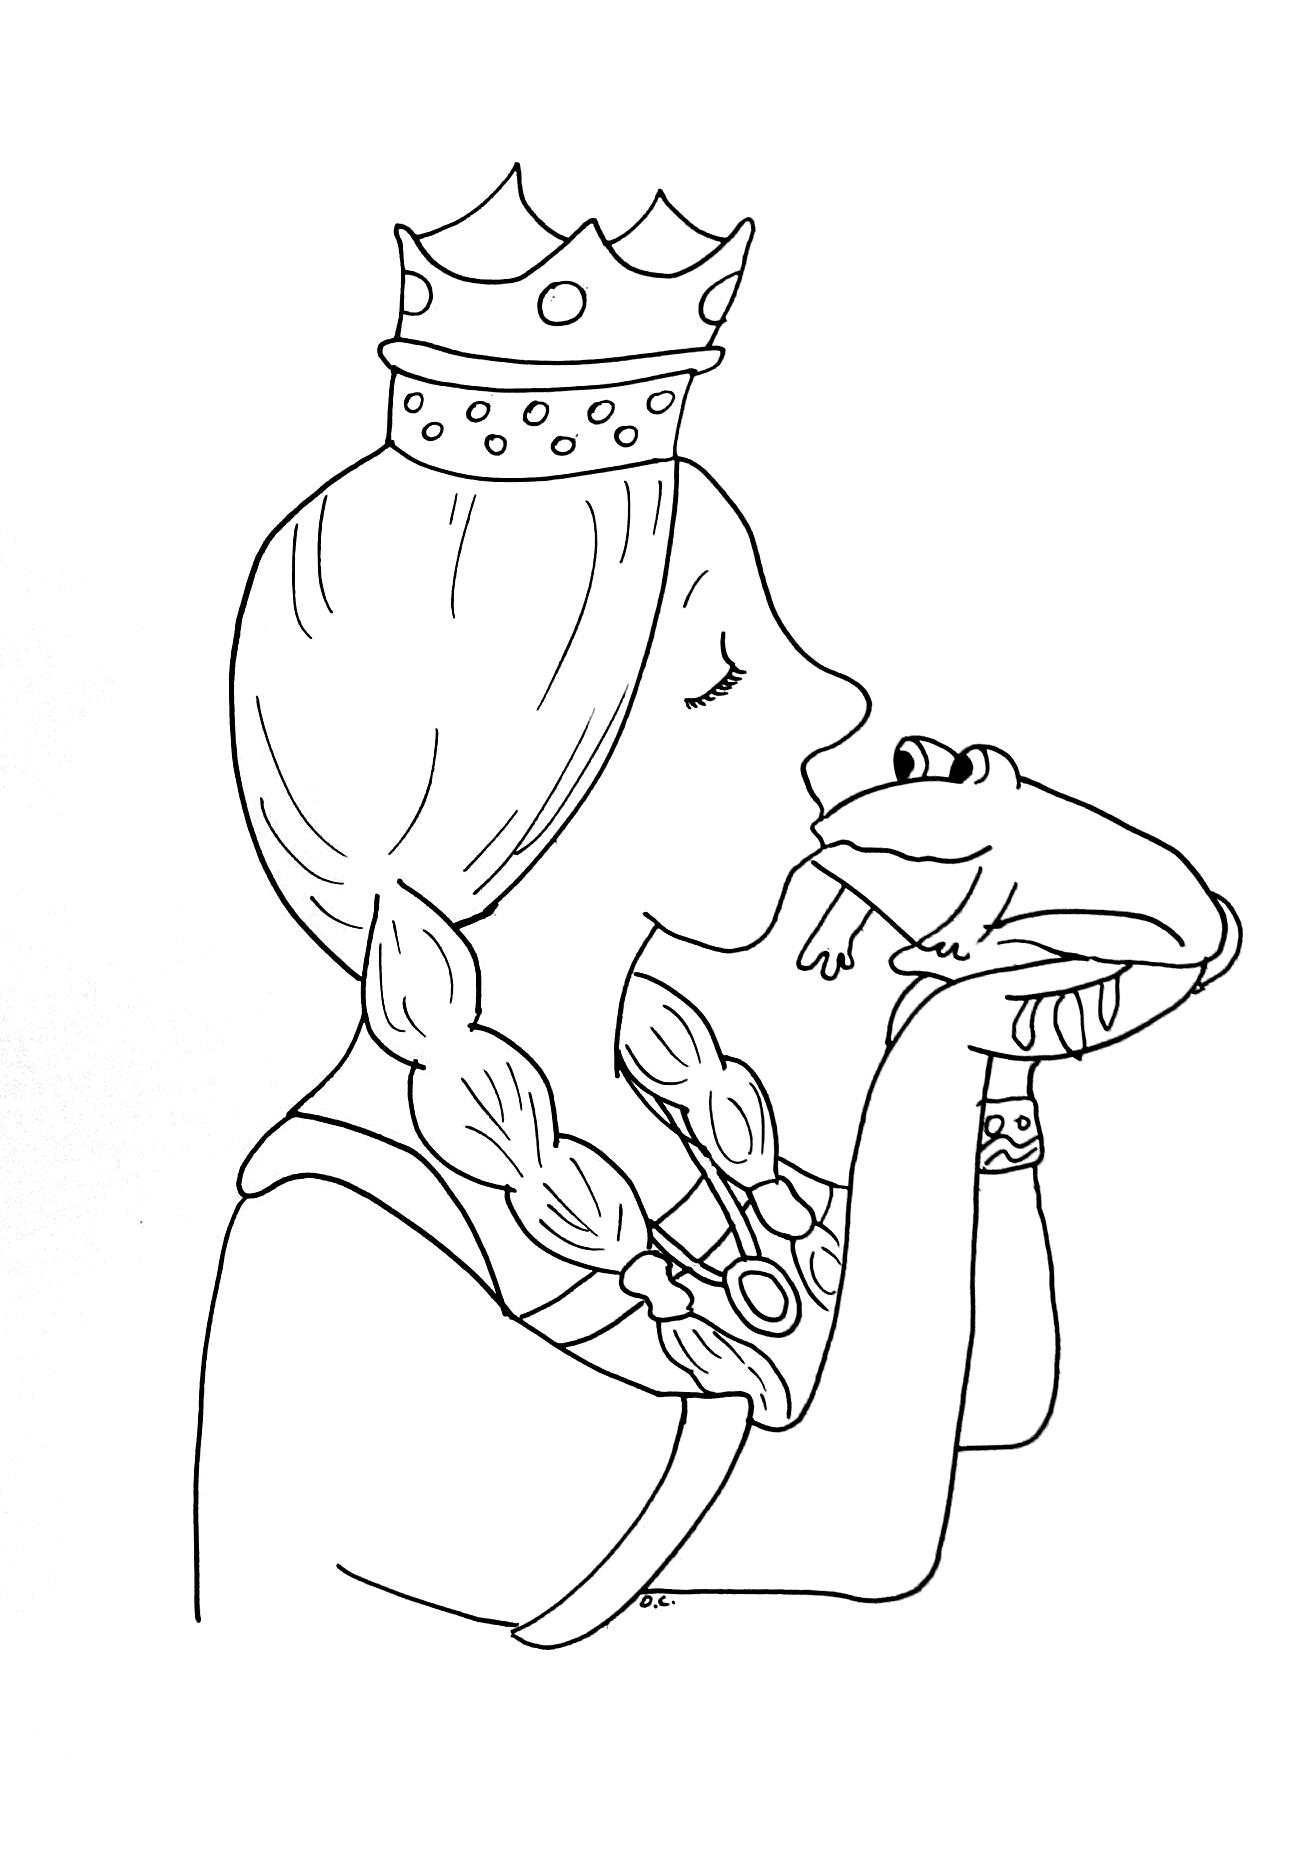 Princesse grenouille coloriage contes classiques coloriages pour enfants - Coloriage la princesse et la grenouille ...